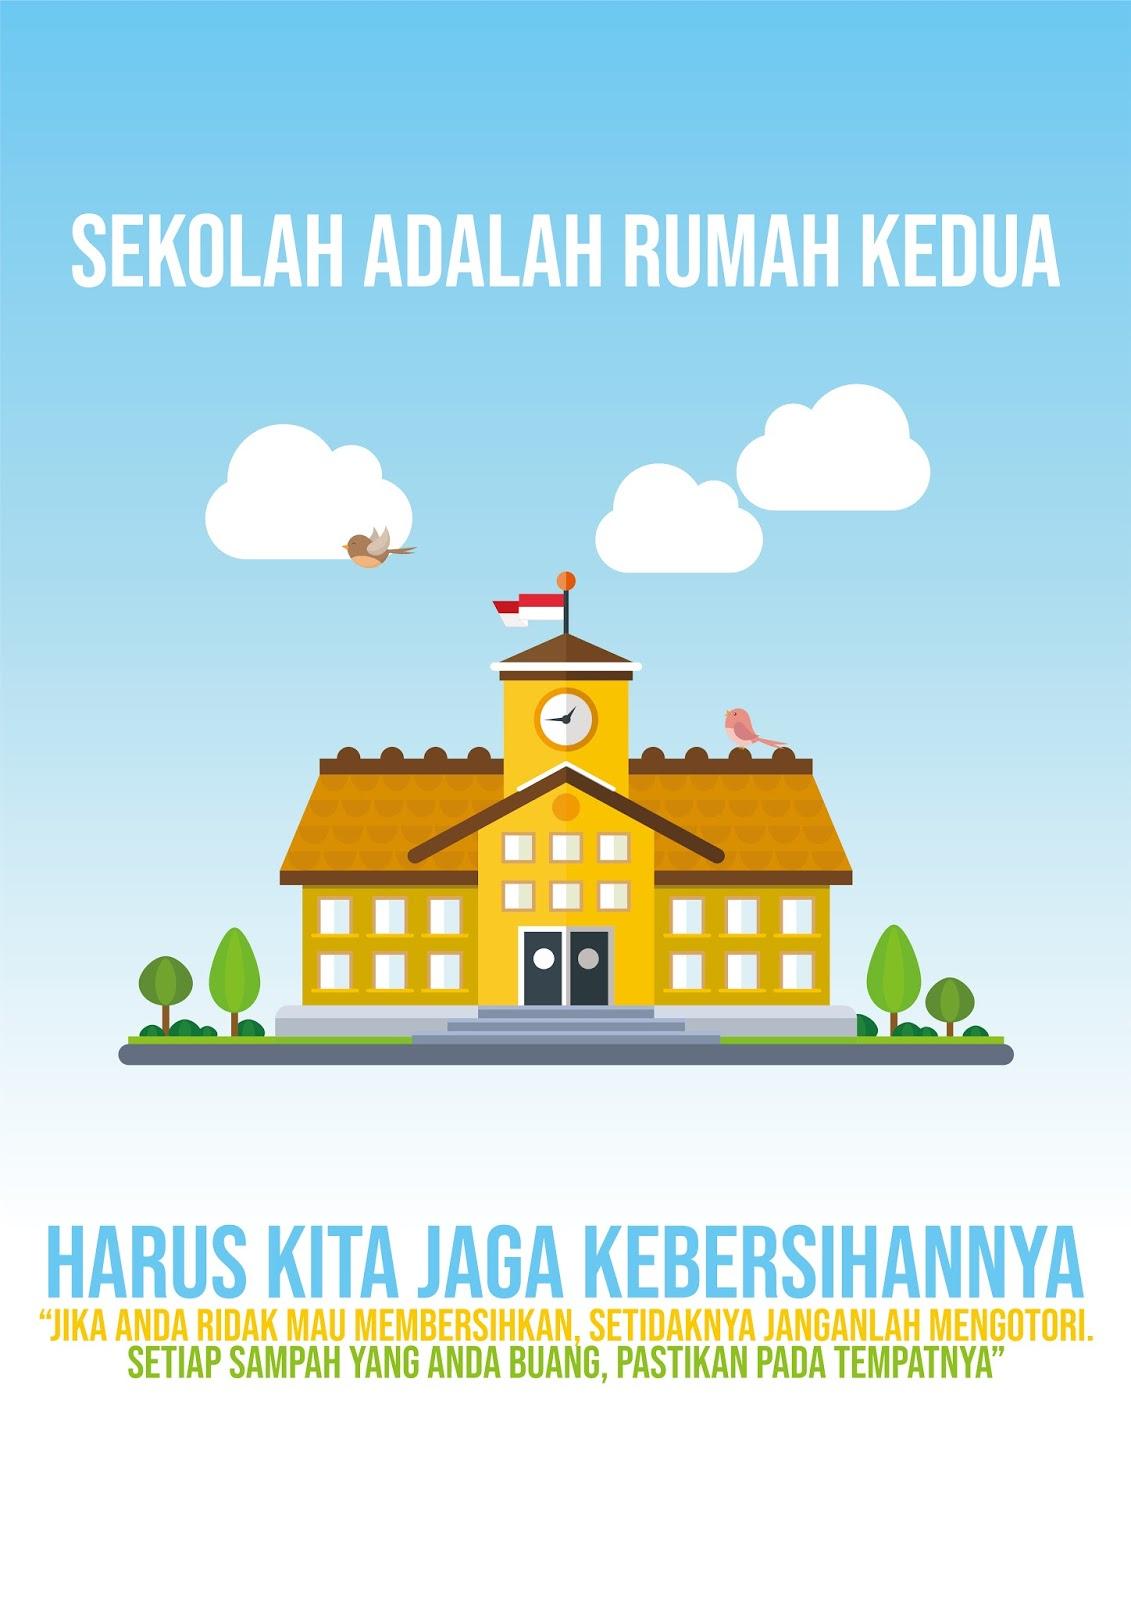 Contoh Poster Kebersihan Lingkungan : contoh, poster, kebersihan, lingkungan, Trend, Terbaru, Gambar, Poster, Menjaga, Kebersihan, Lingkungan, Sekolah, Sweet, Hunniteah